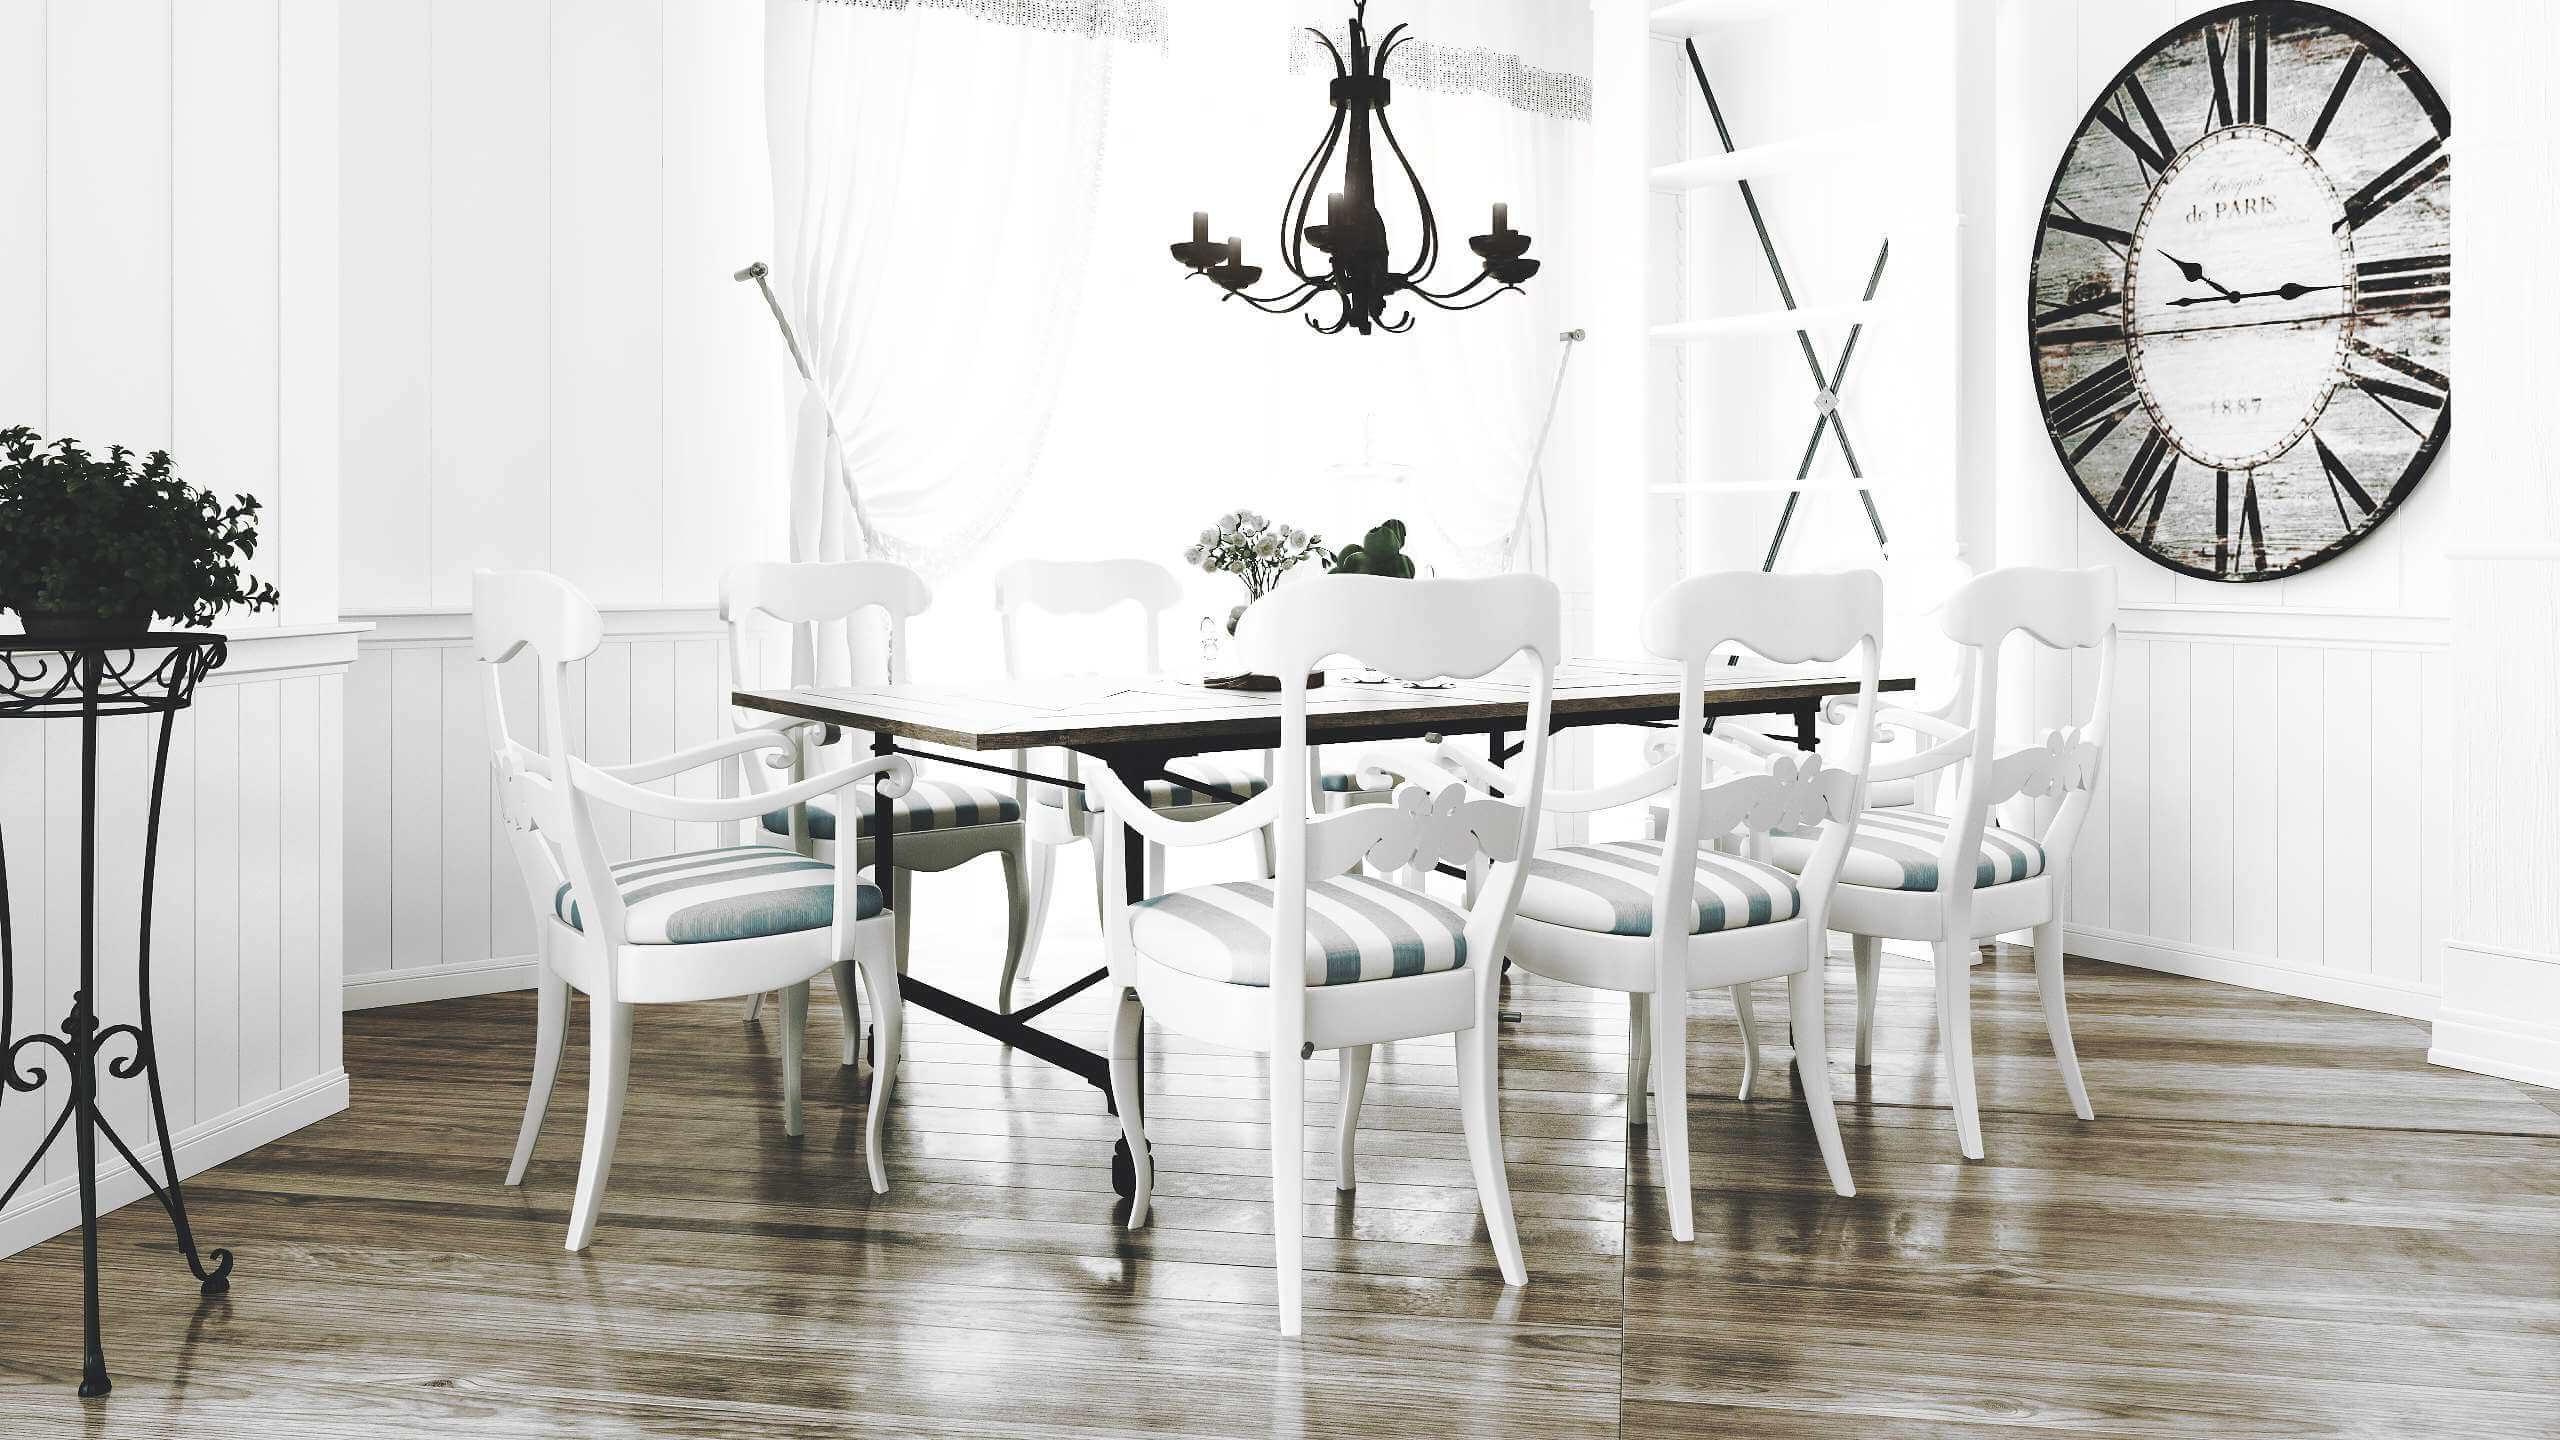 интерьер просторной кухни с обеденным столом